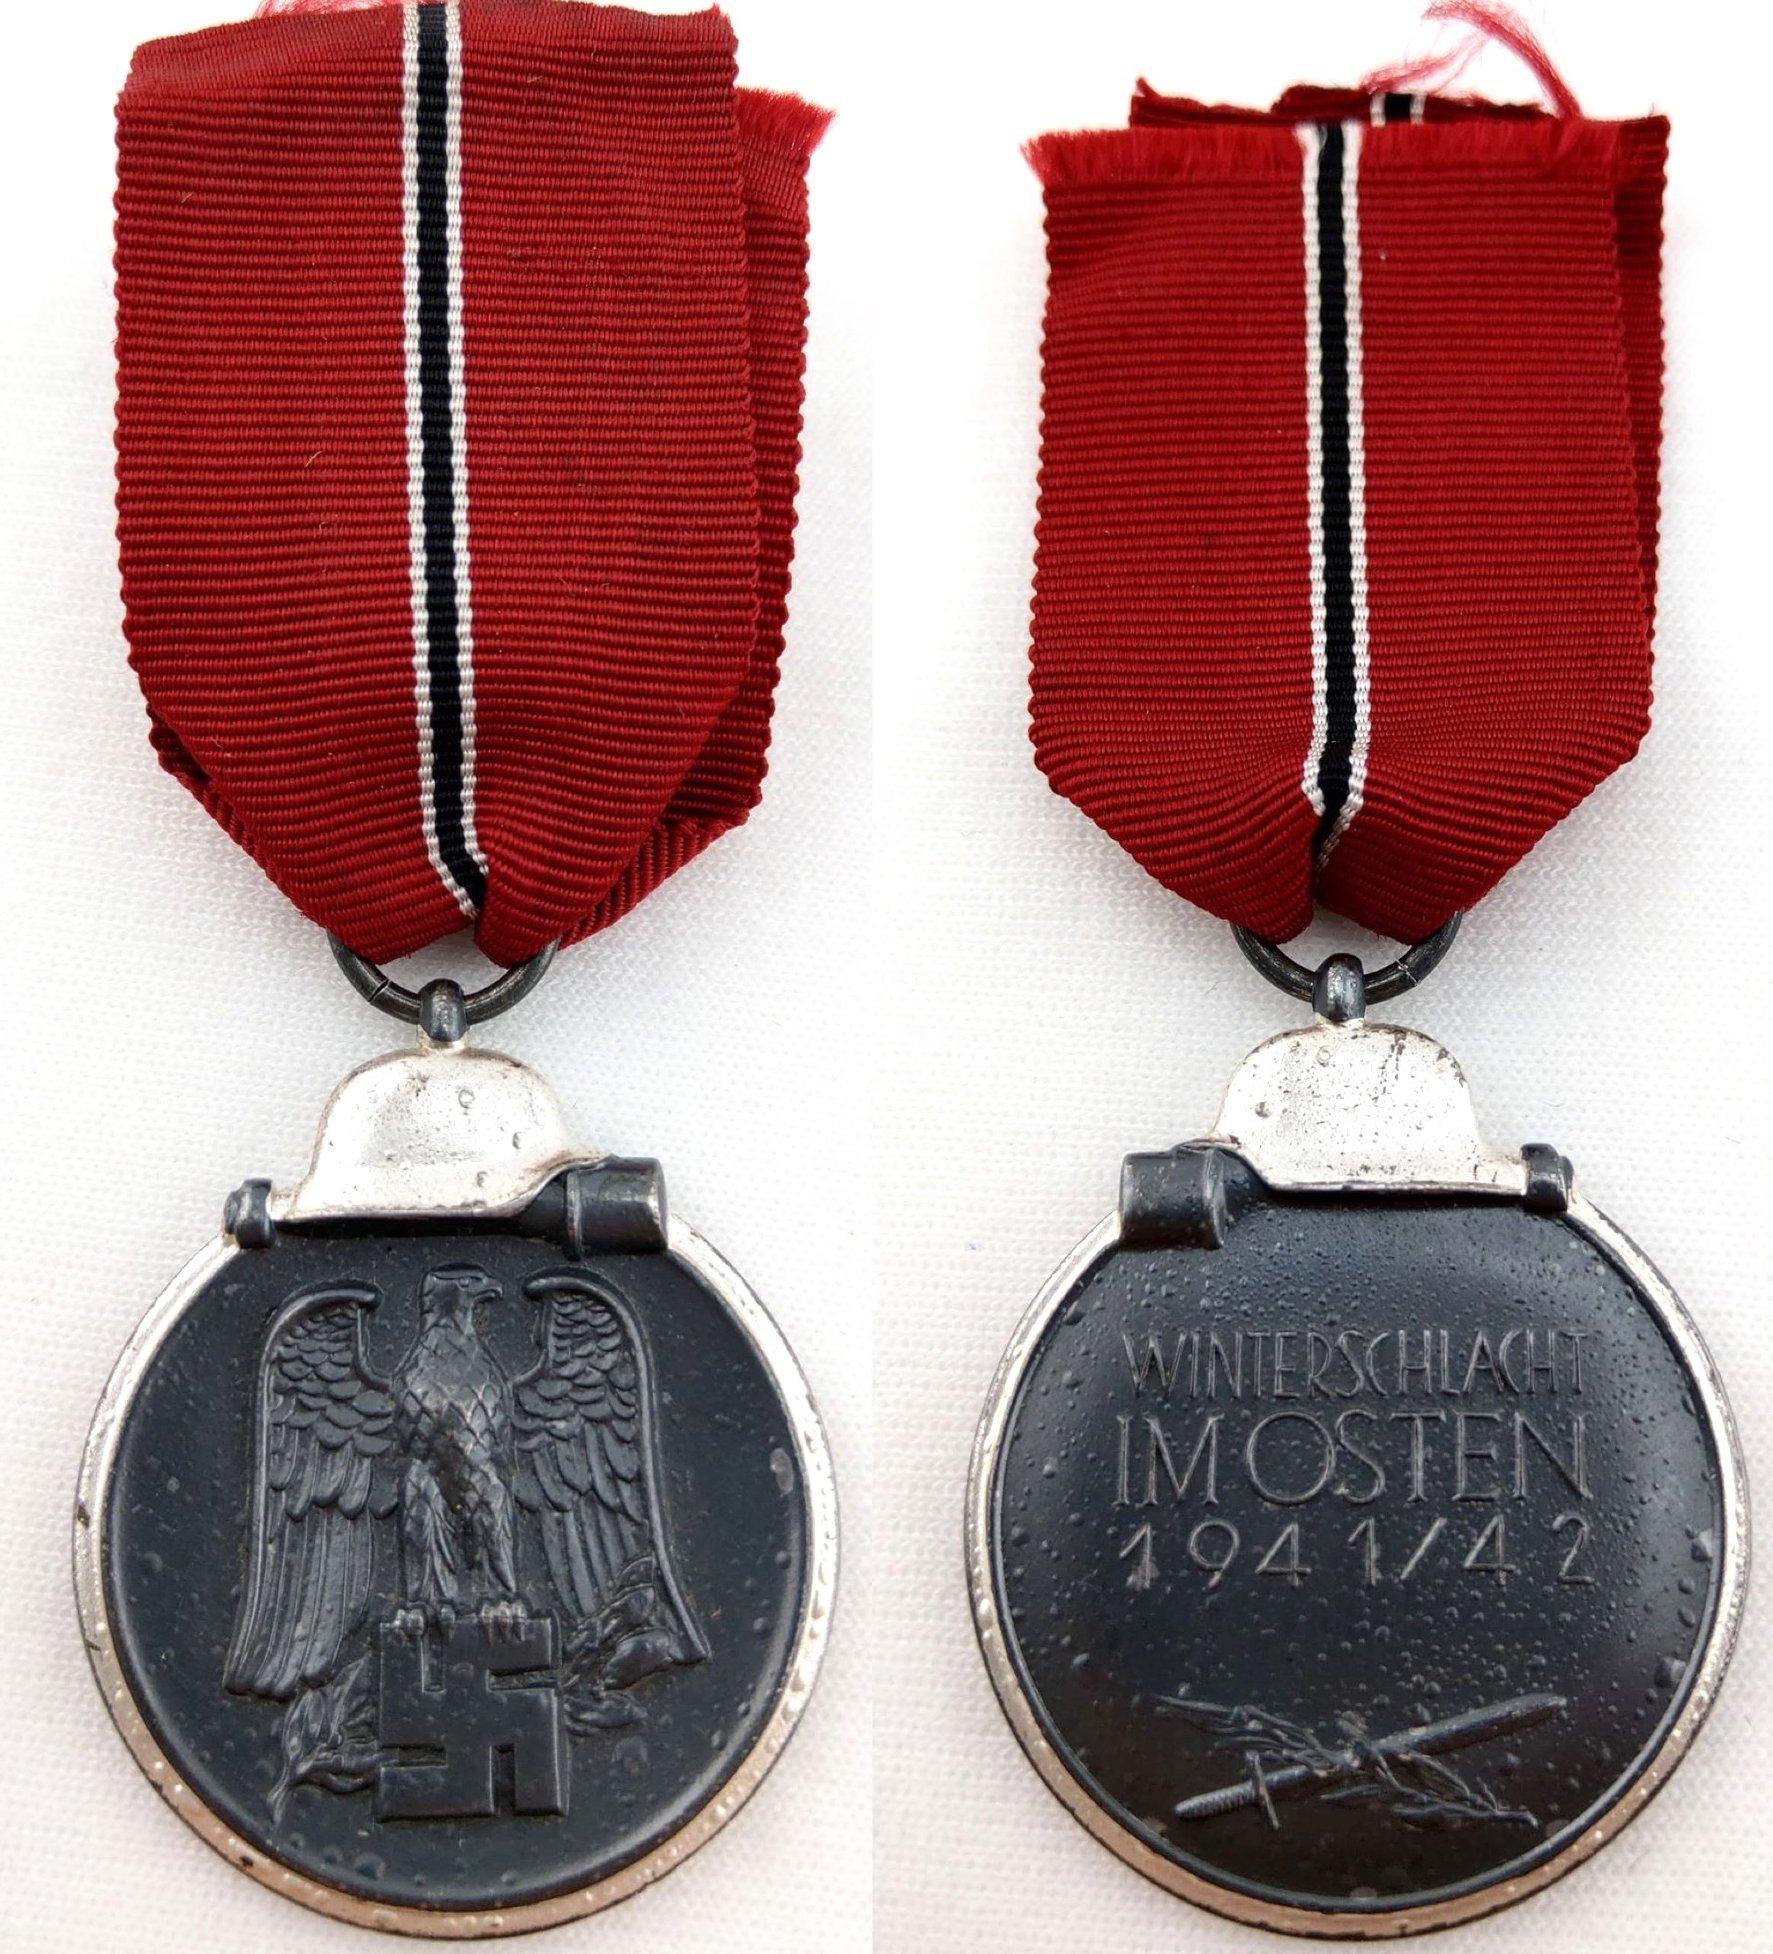 [已售出 SOLD] 二戰德國 107號打標Carl Wild廠 東線戰役獎章